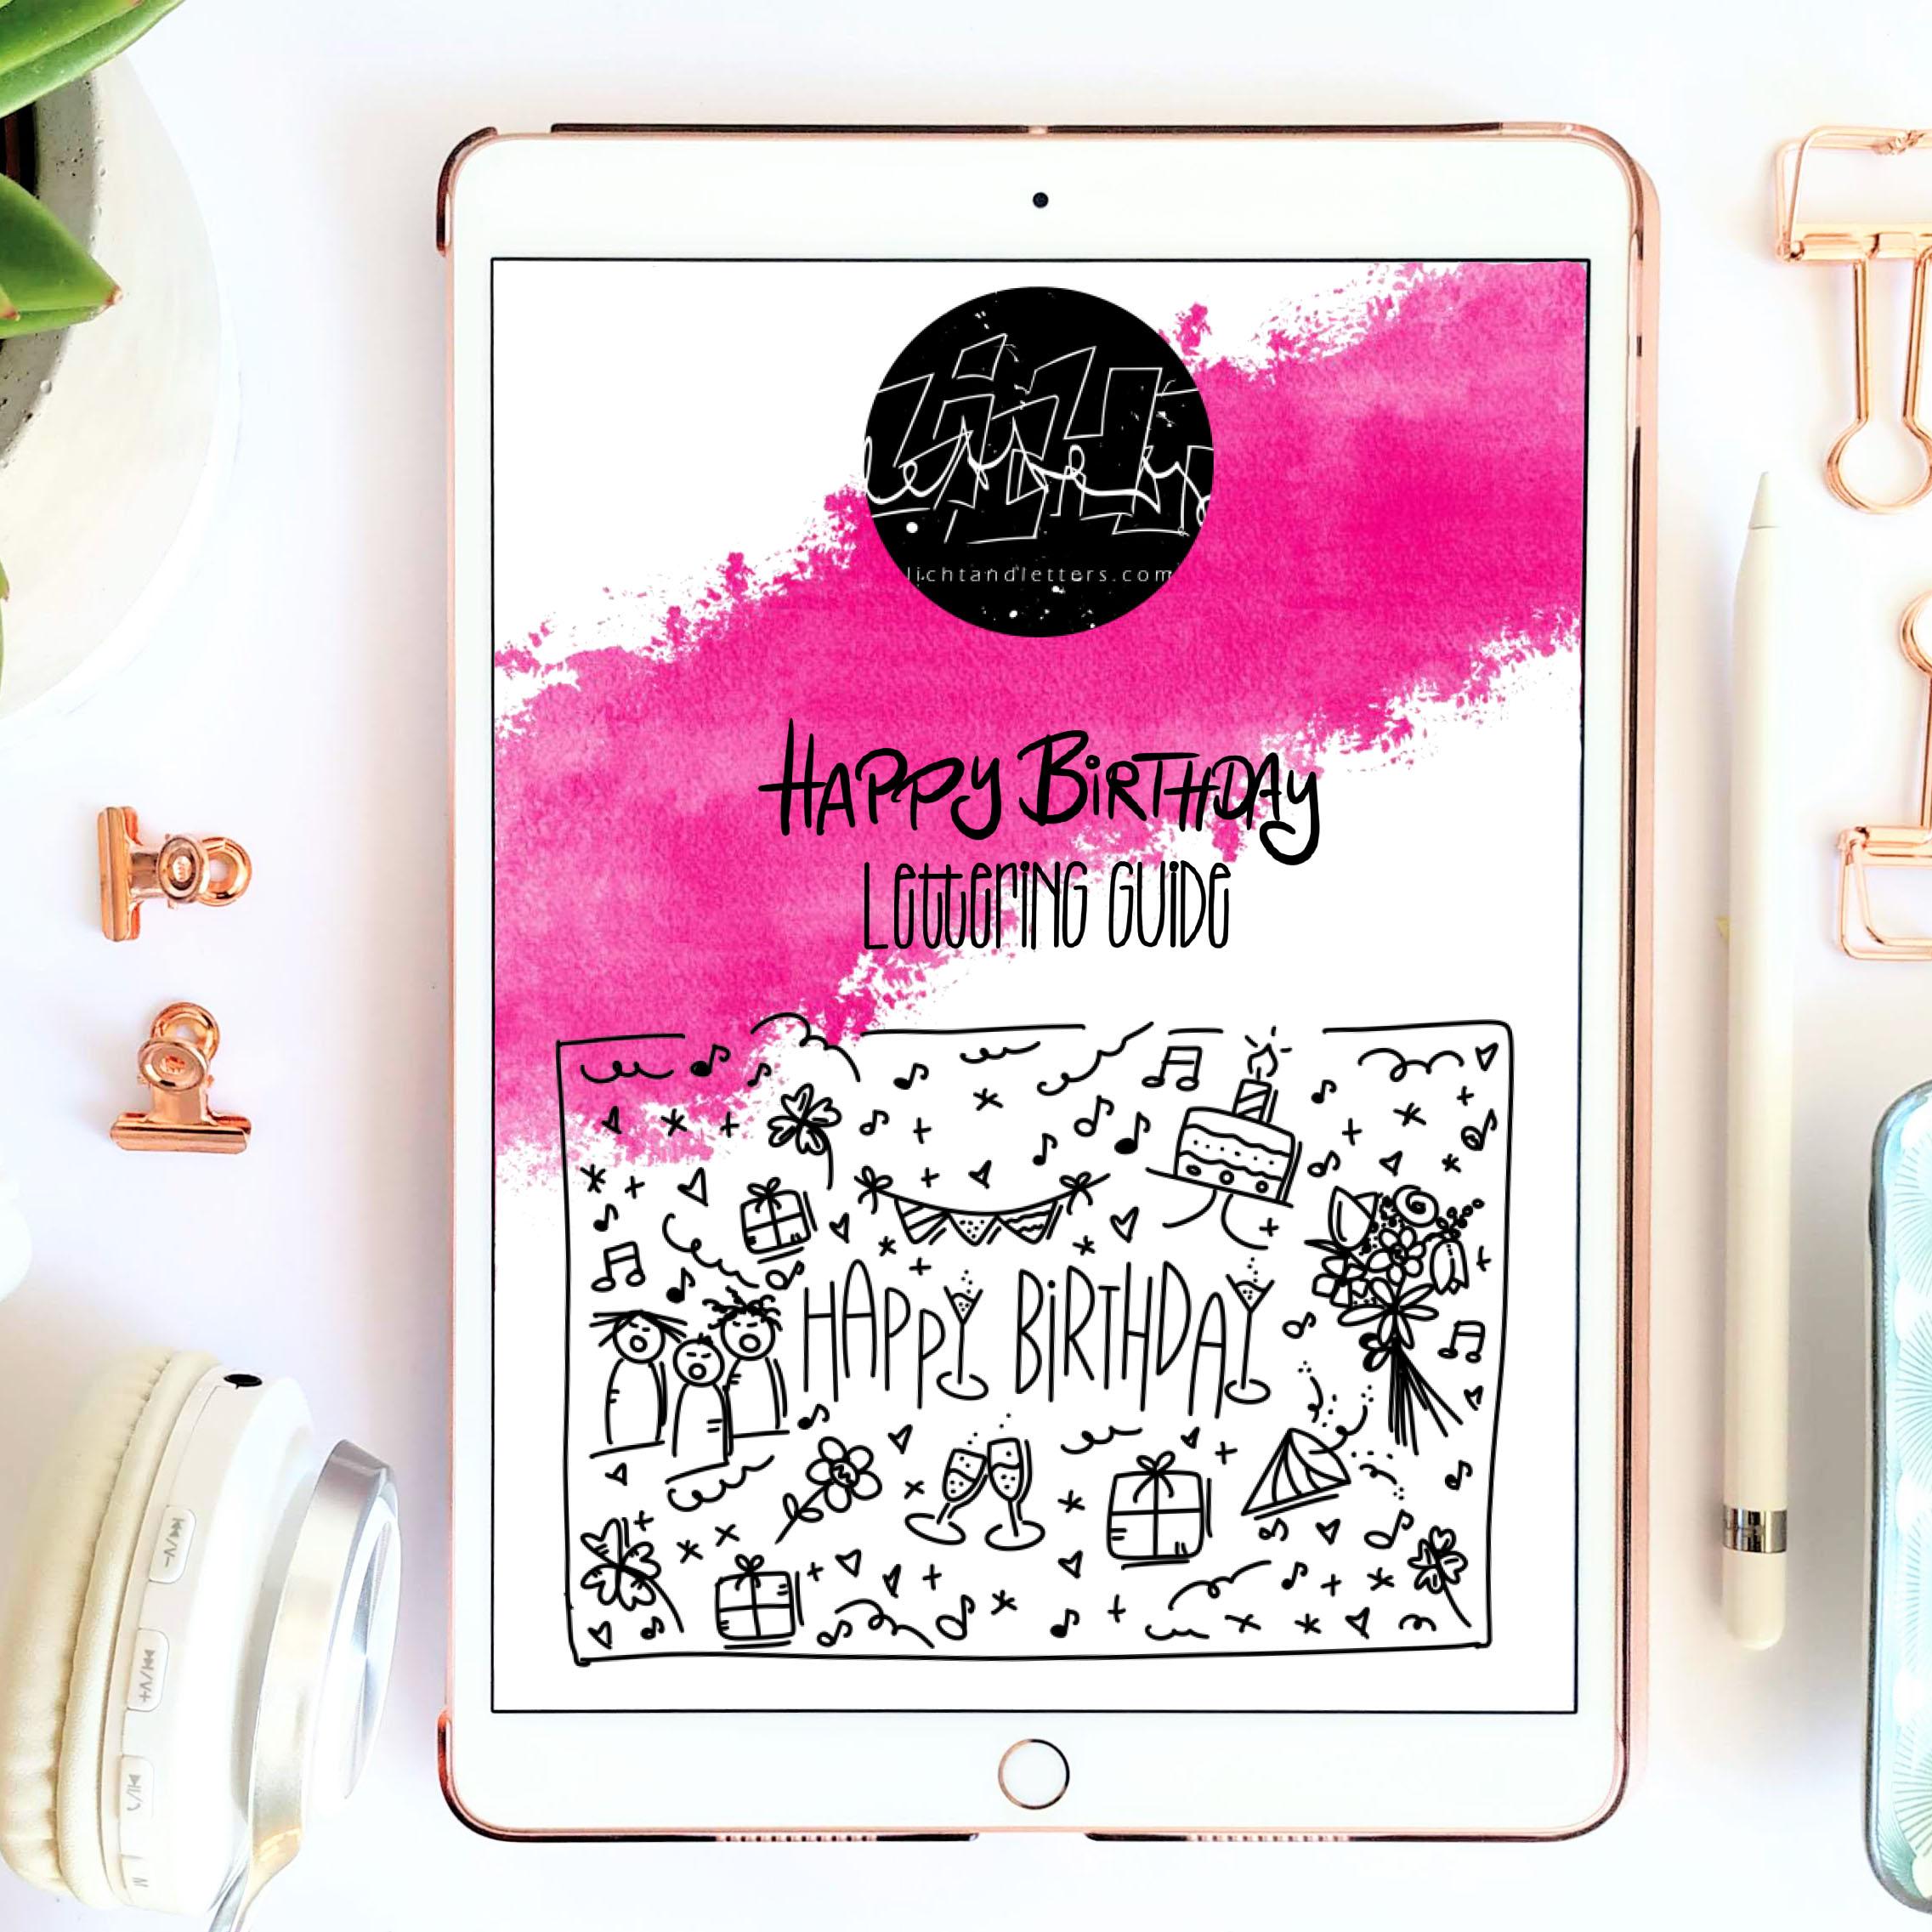 Titelbild des Happy Birthday Hand Lettering Guides mit Glückwunschkarte